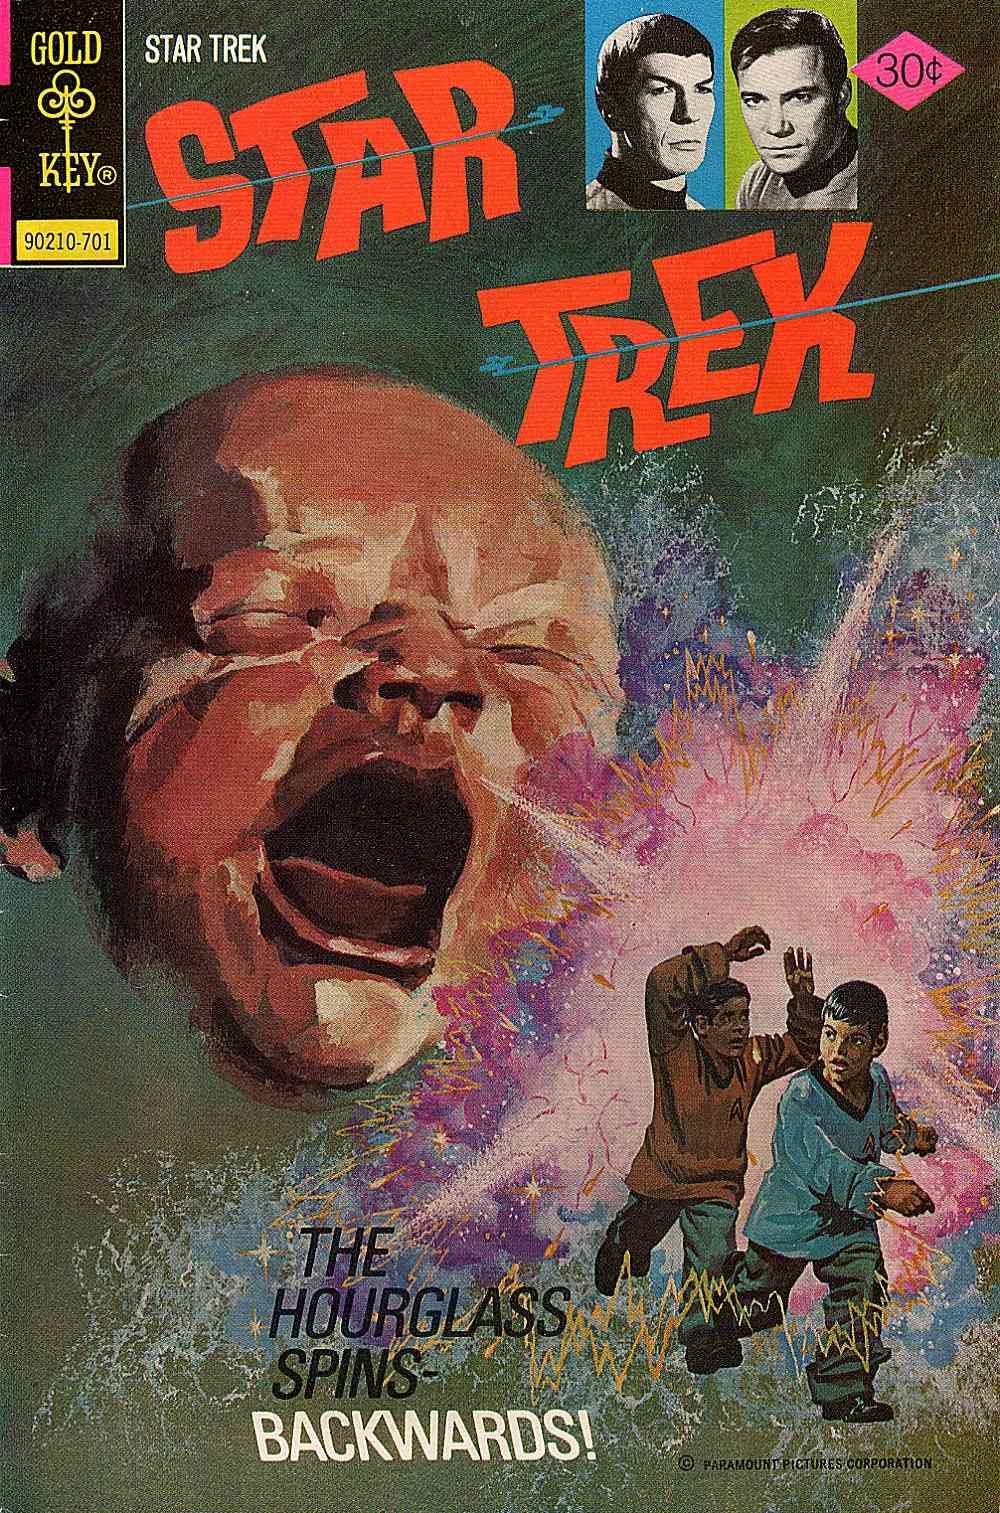 Star Trek (1967) issue 42 - Page 1